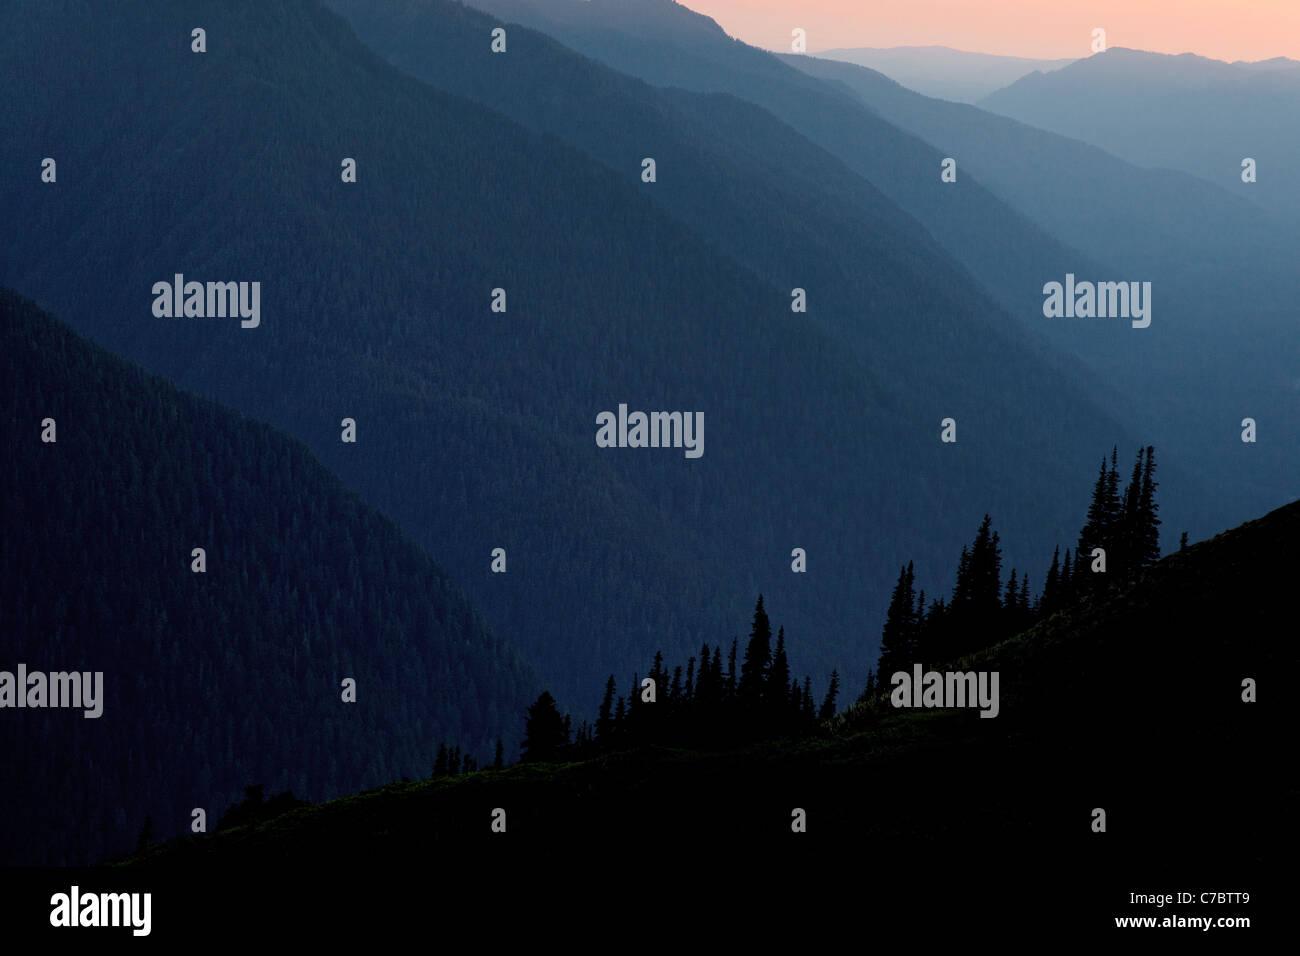 Illuminazione atmosferica nel Hoh River Valley, il Parco Nazionale di Olympic, Washington Immagini Stock